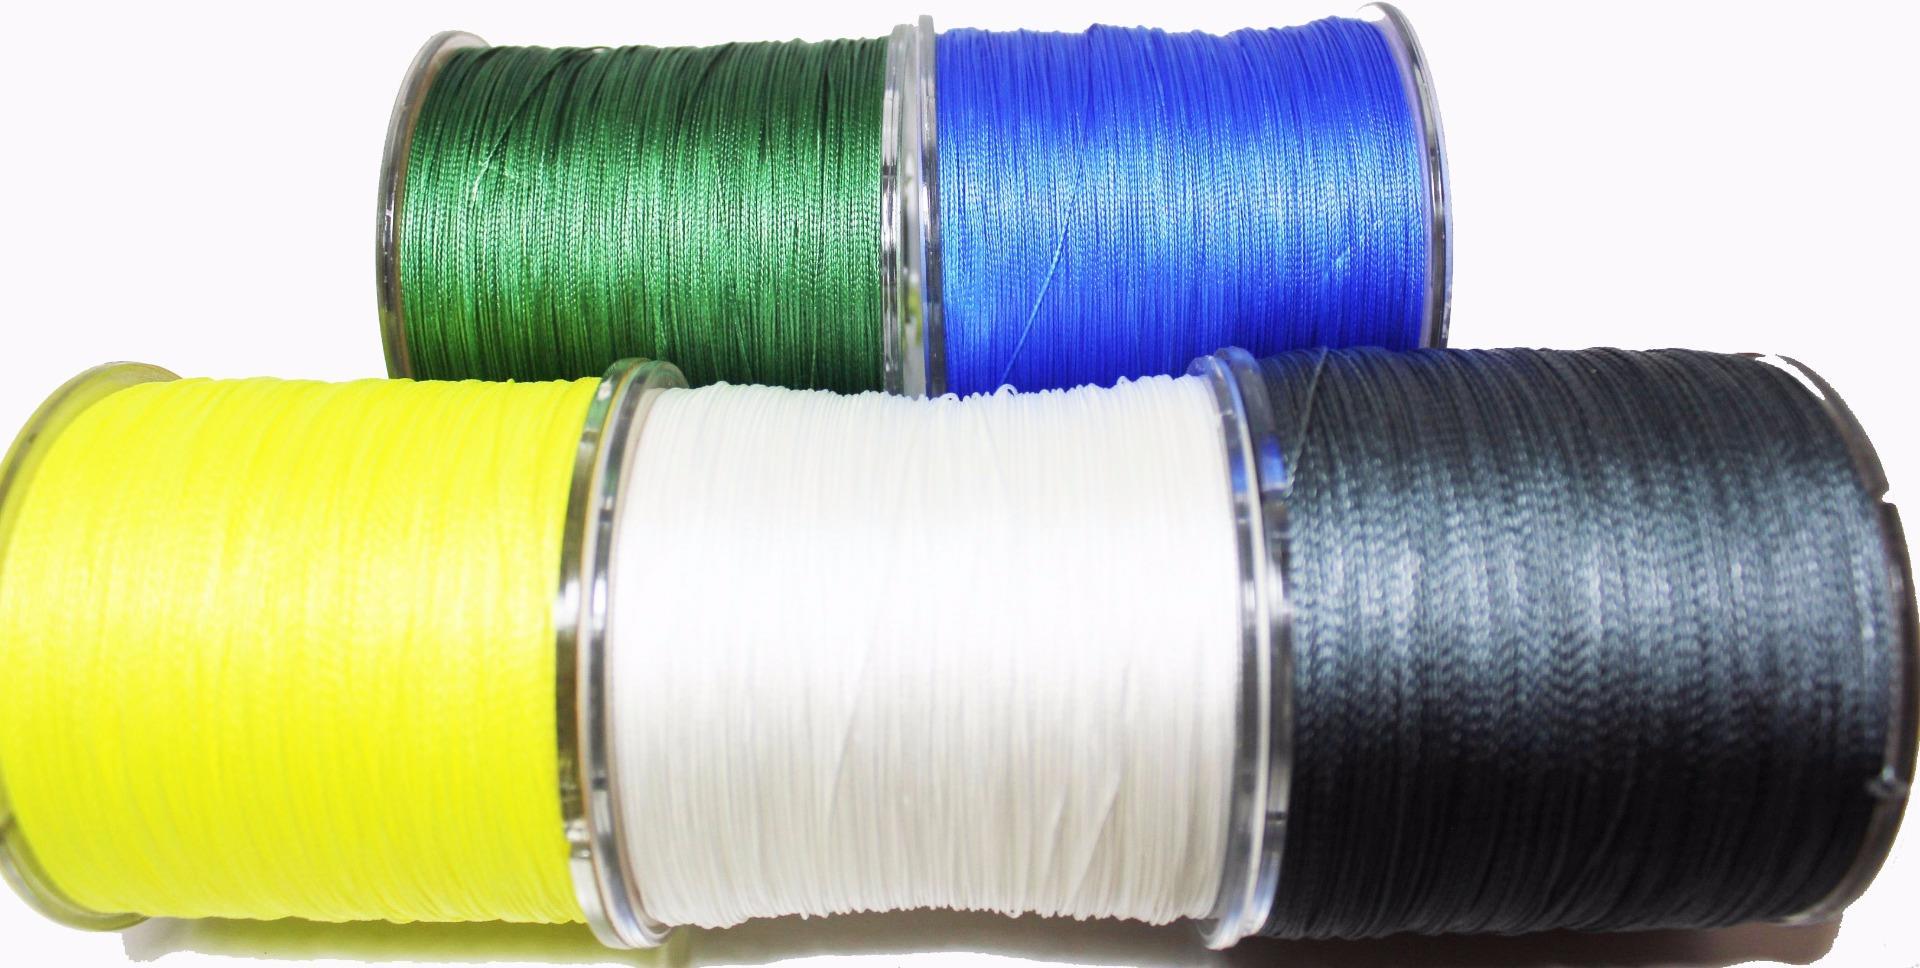 Pe 4 strand braid fishing line 50lb 500m blue power braid for 50 lb braided fishing line